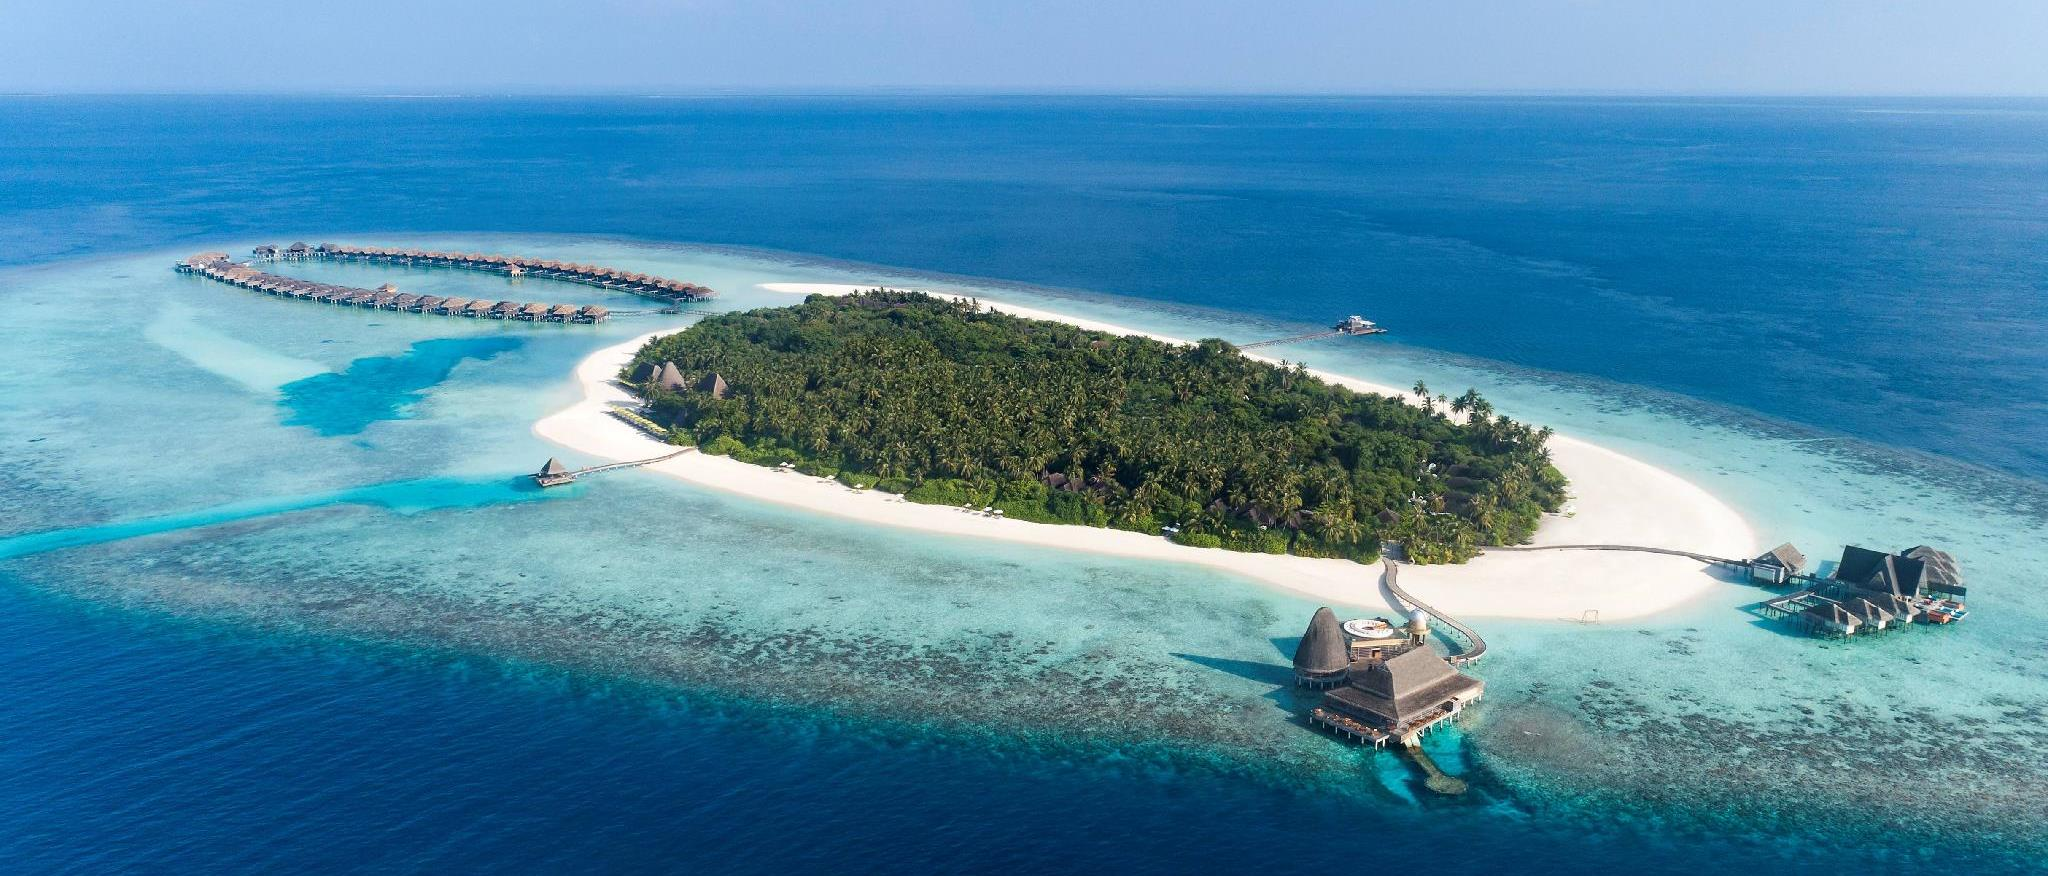 Anantara Kihavah Maldives Image